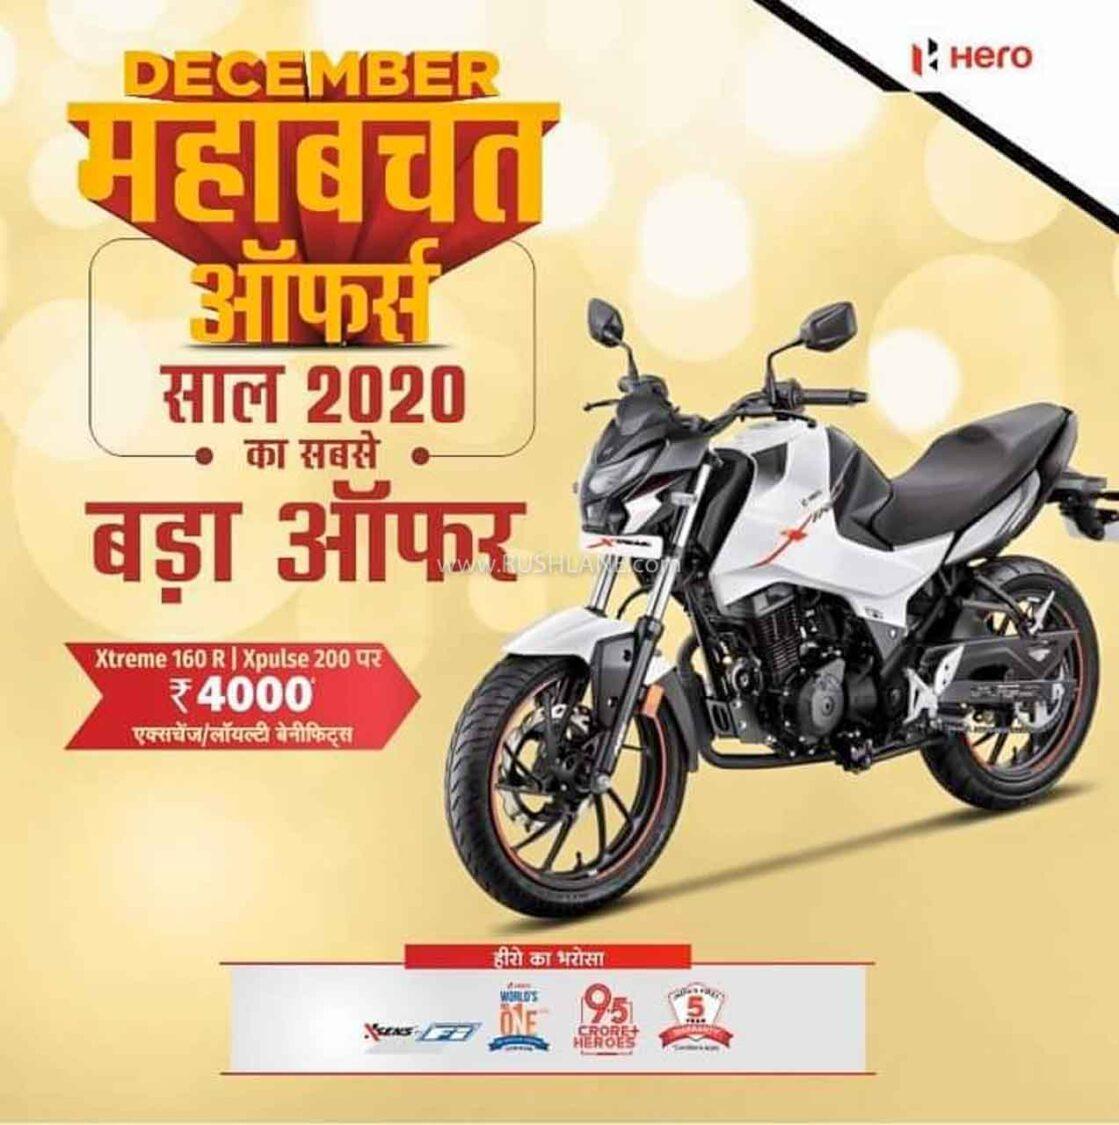 Hero discounts Dec 2020